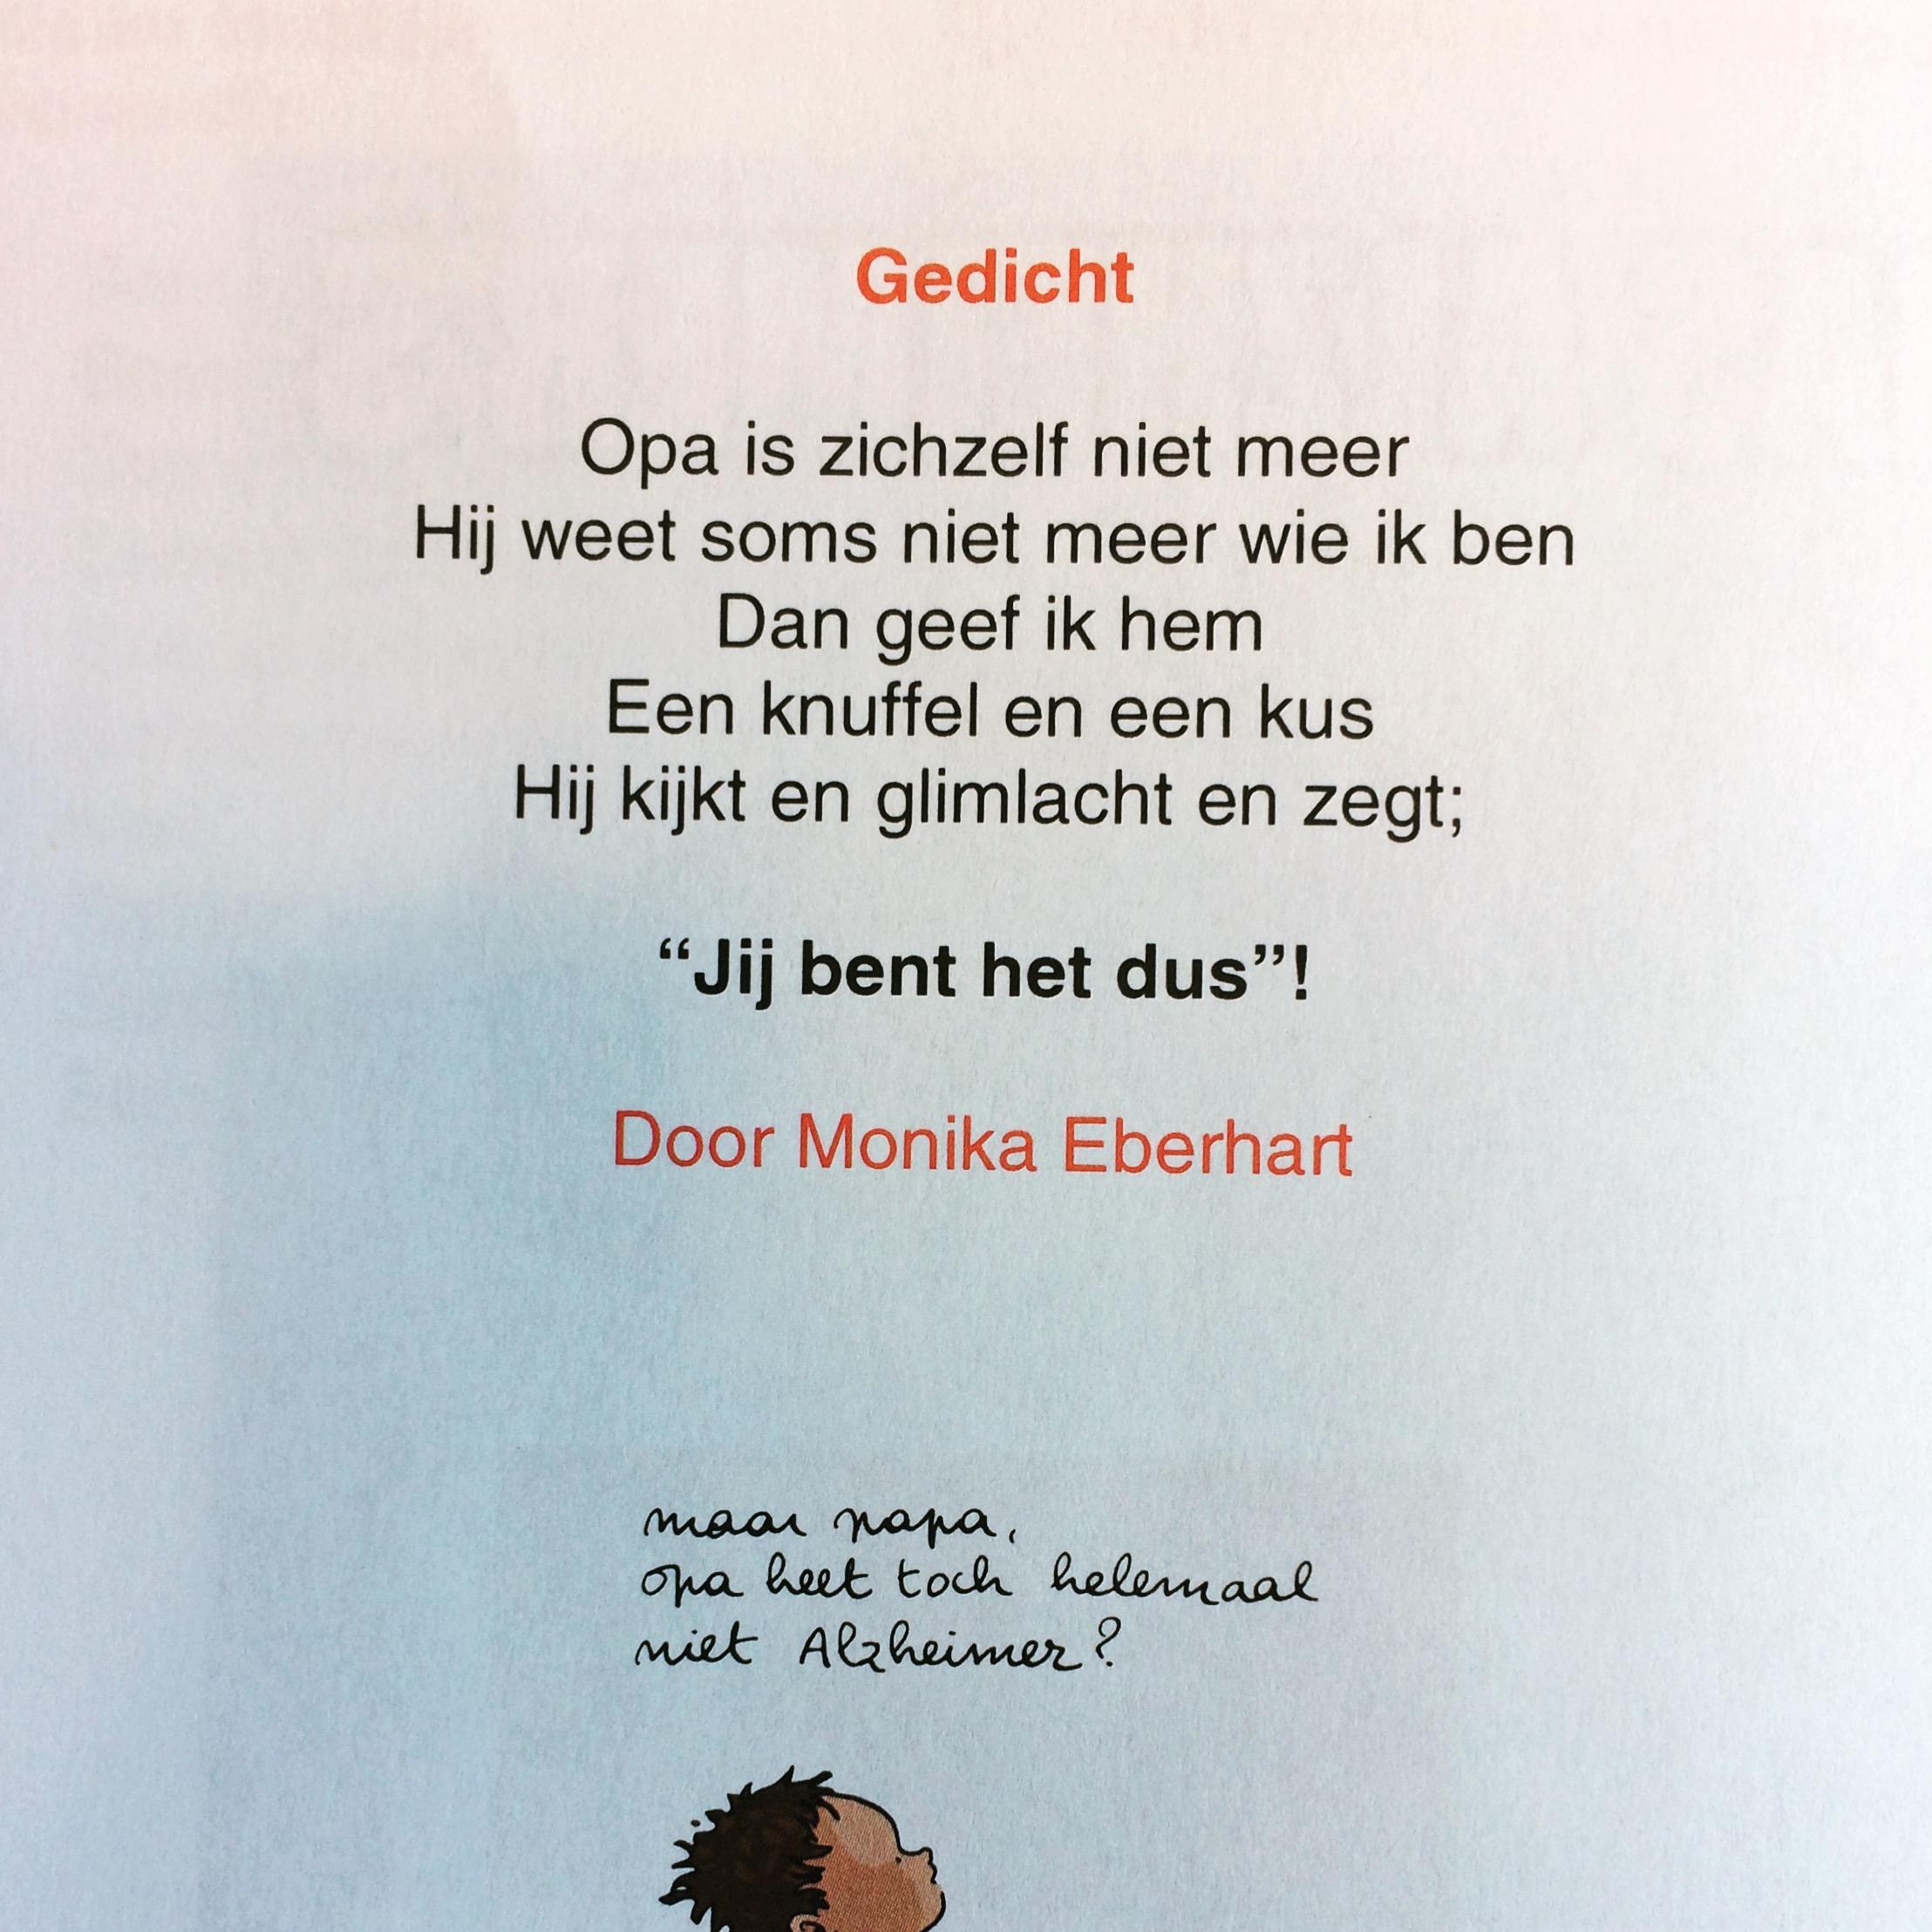 Gedicht Opa Oma Opa Tag Im Kindergarten Gedichte 2020 05 15